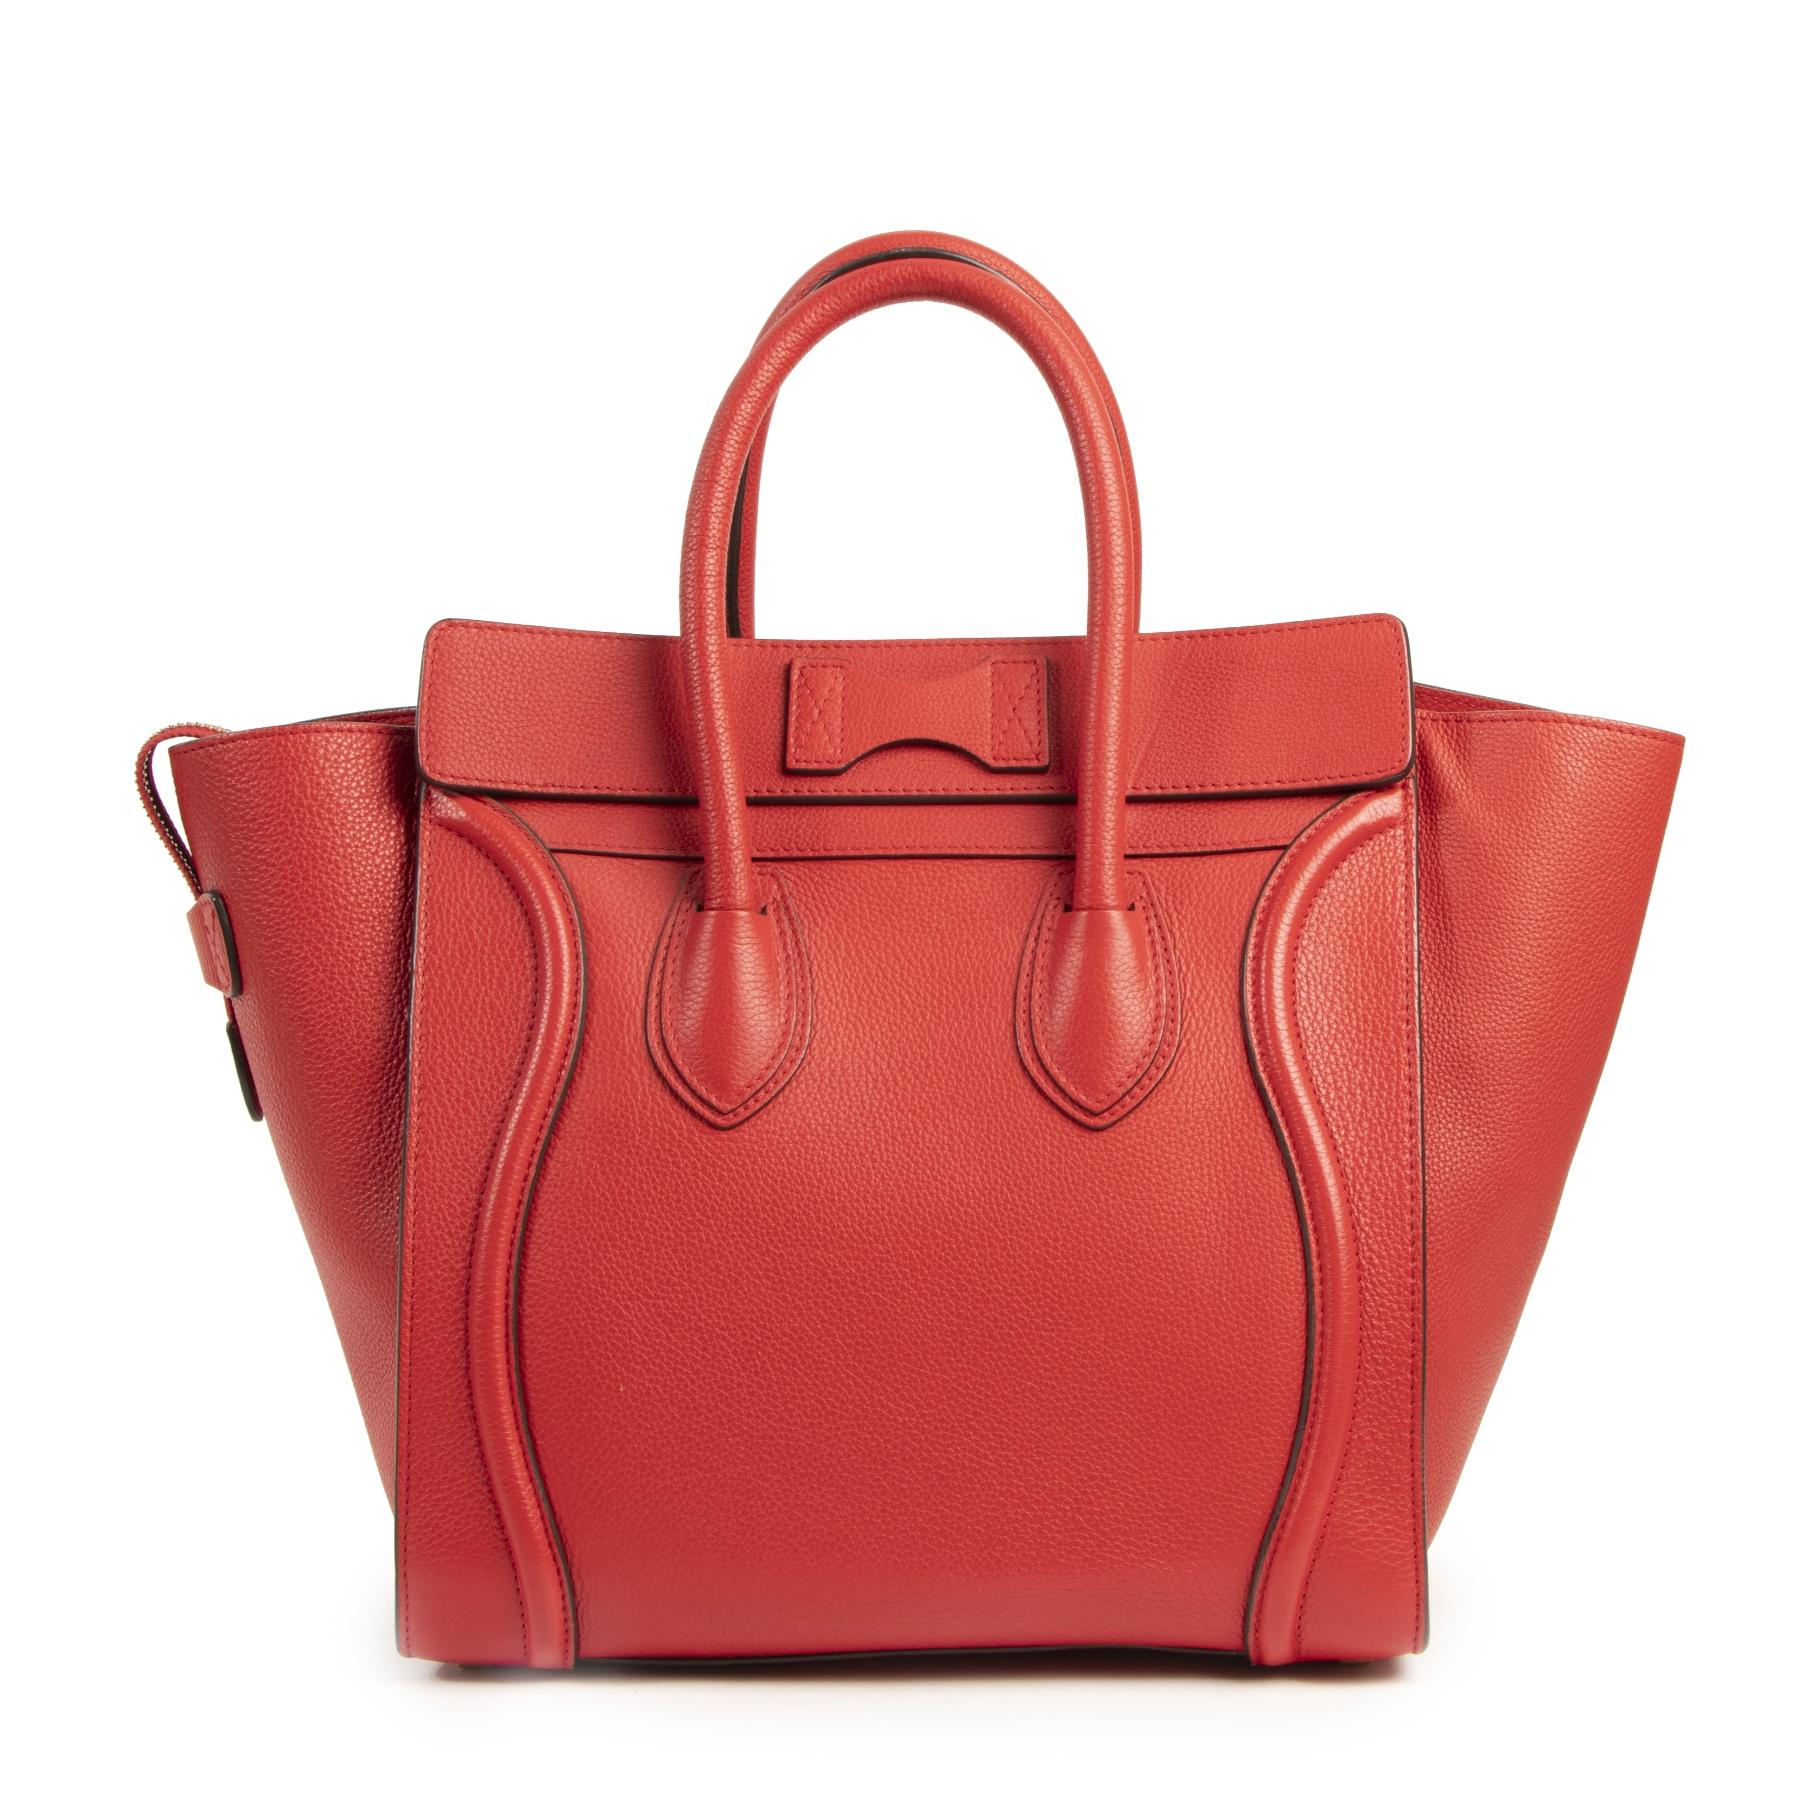 Authentieke Tweedehands Céline Mini Red Luggage Bag juiste prijs veilig online shoppen luxe merken webshop winkelen Antwerpen België mode fashion